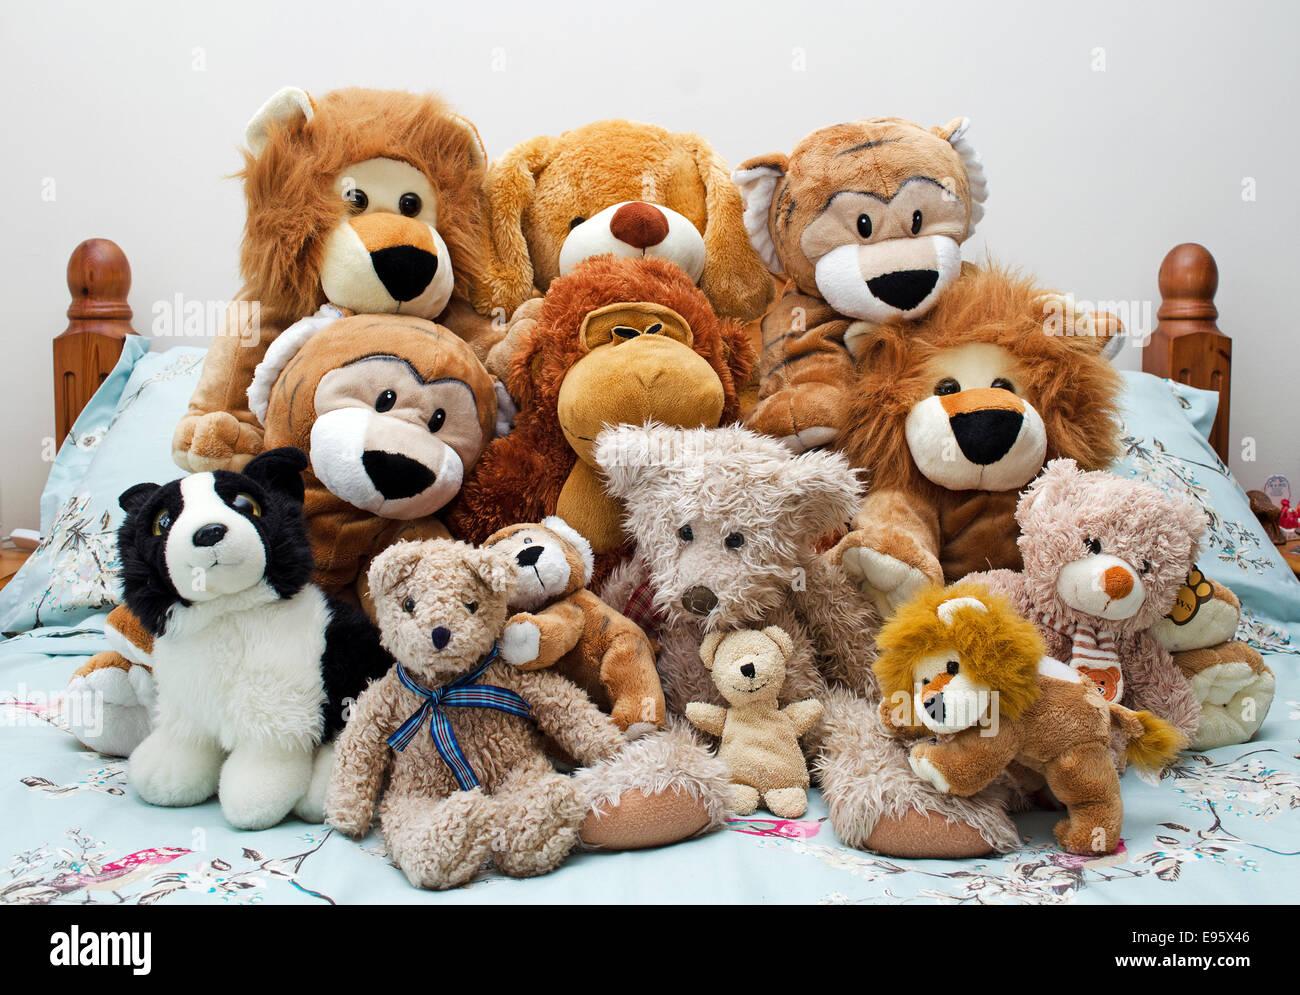 Una colección de juguetes de peluche suave en una cama Foto de stock